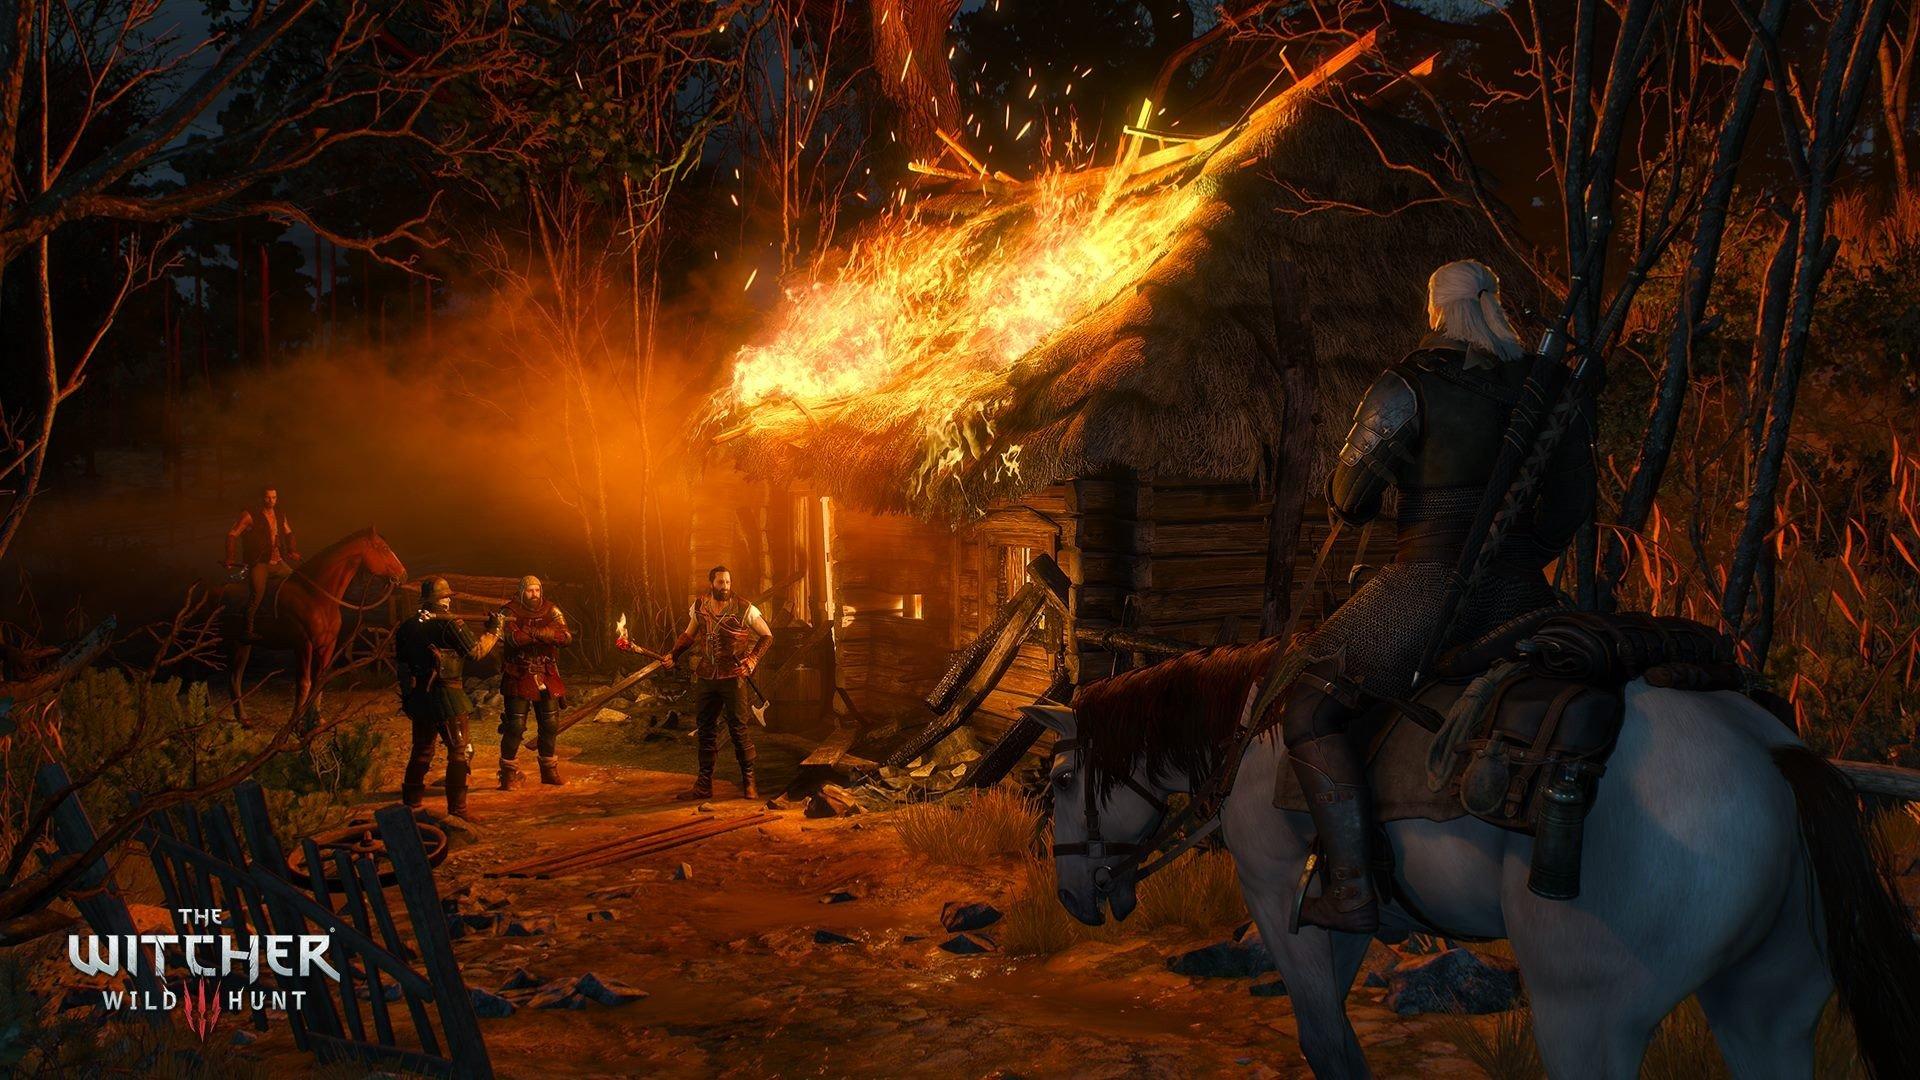 The Witcher 3: Wild Hunt. Все самое интересное за прошедшее время и новые факты.   Факты.    •Если вы хотите заработ ... - Изображение 12